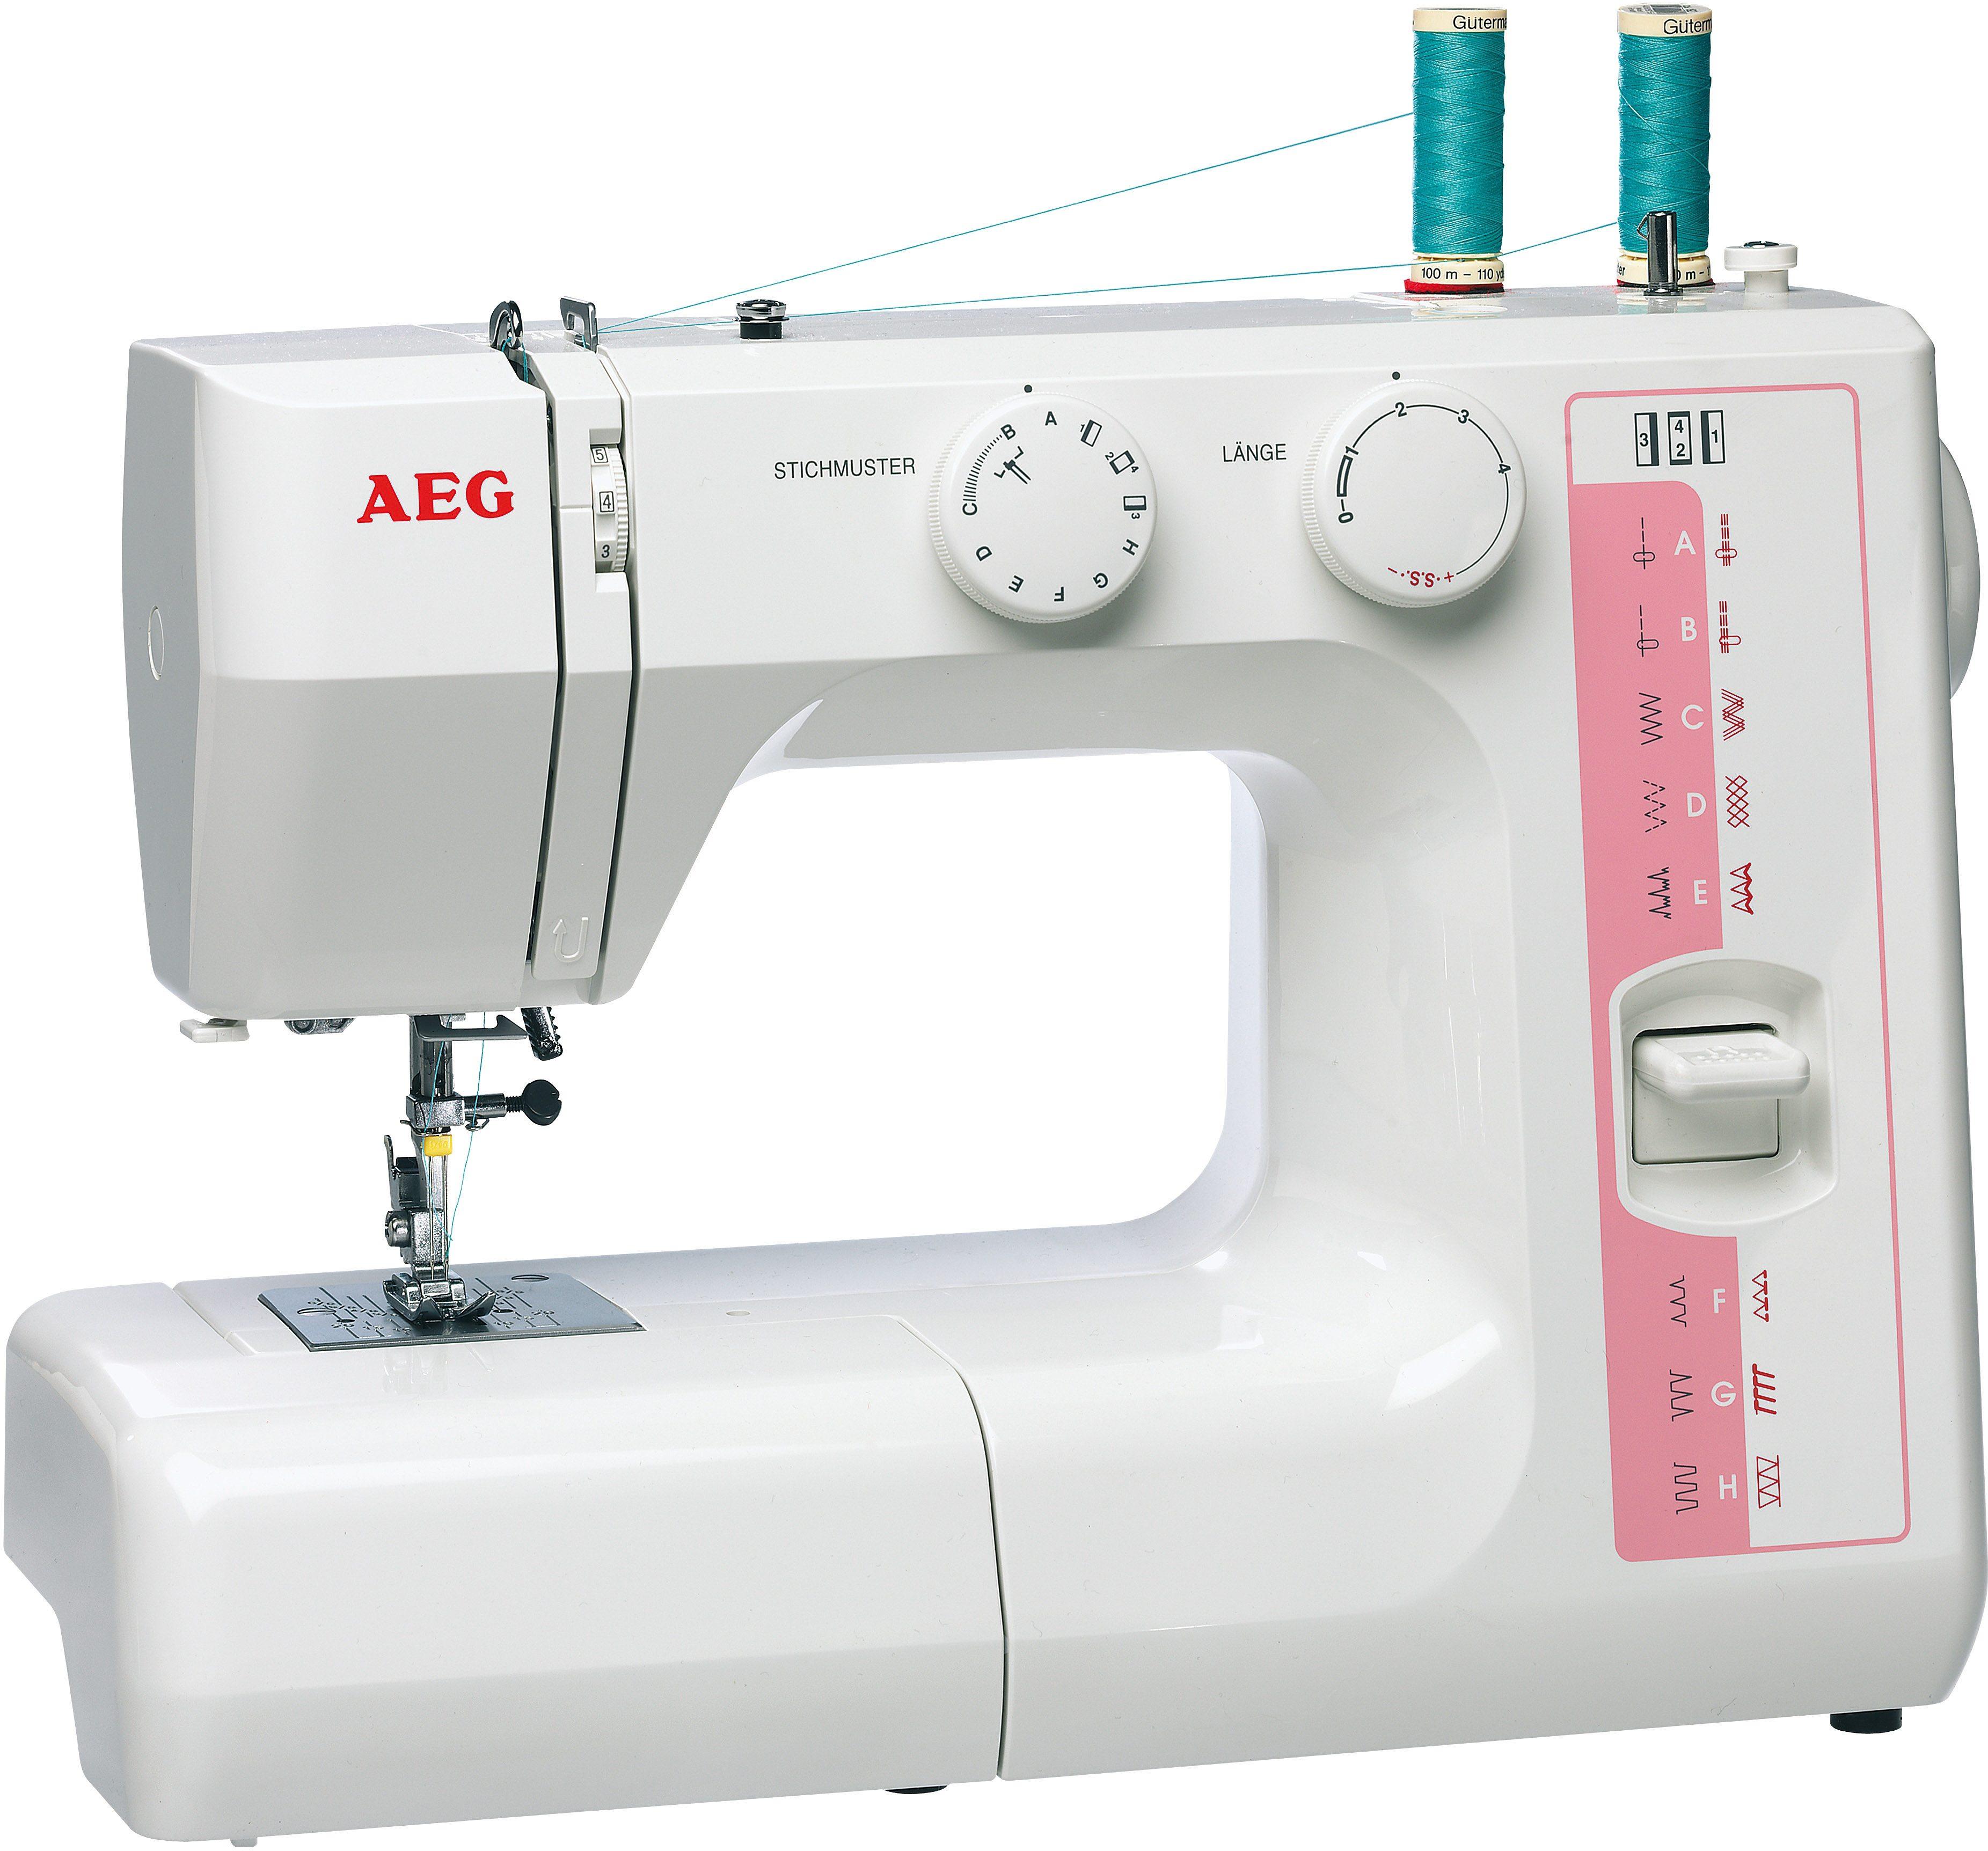 AEG Nähmaschine NM-1714, 24 Nähprogramme, mit Doppelnadelfunktion und Zubehör